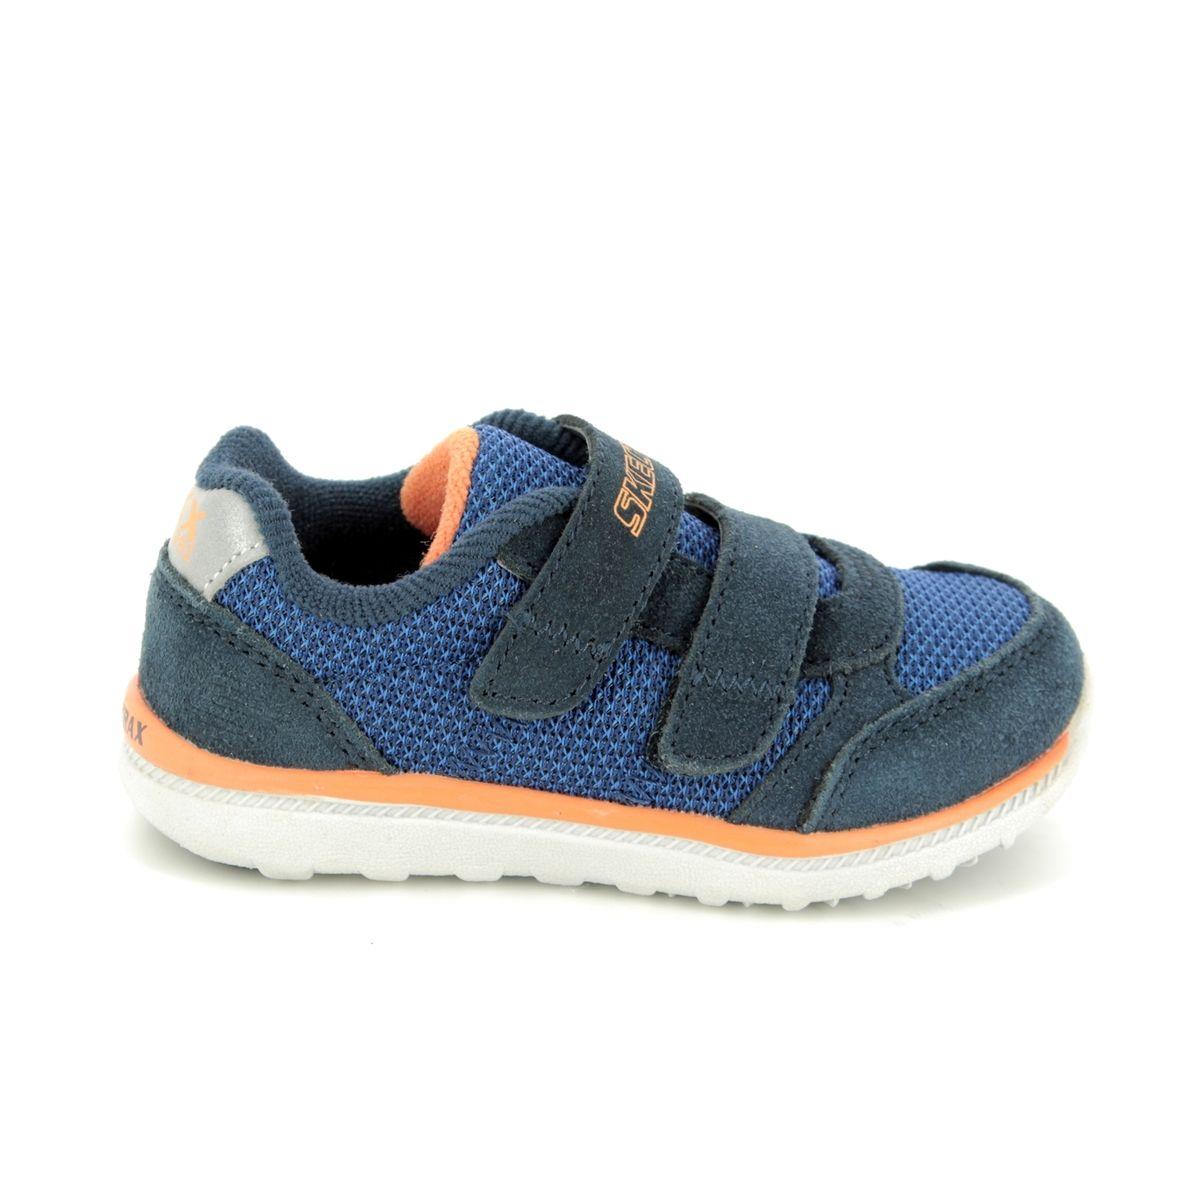 bbc122b151cf Skechers Skech Trax 97711 NVBL Navy-Blue first shoes